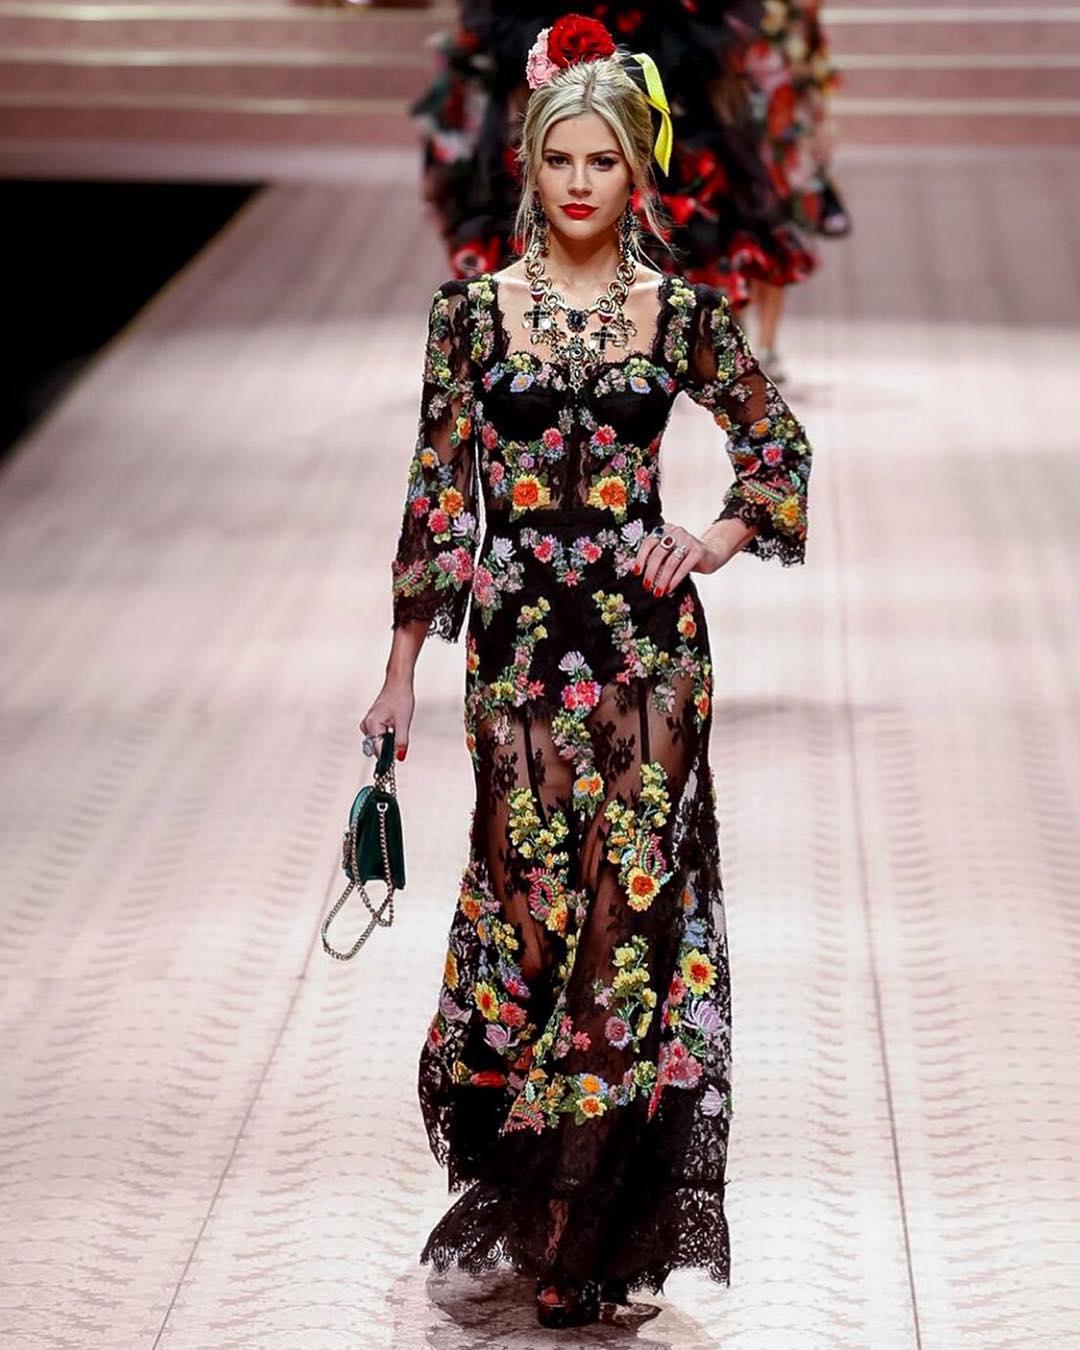 Desfile da Dolce & Gabbana Lala Rudge